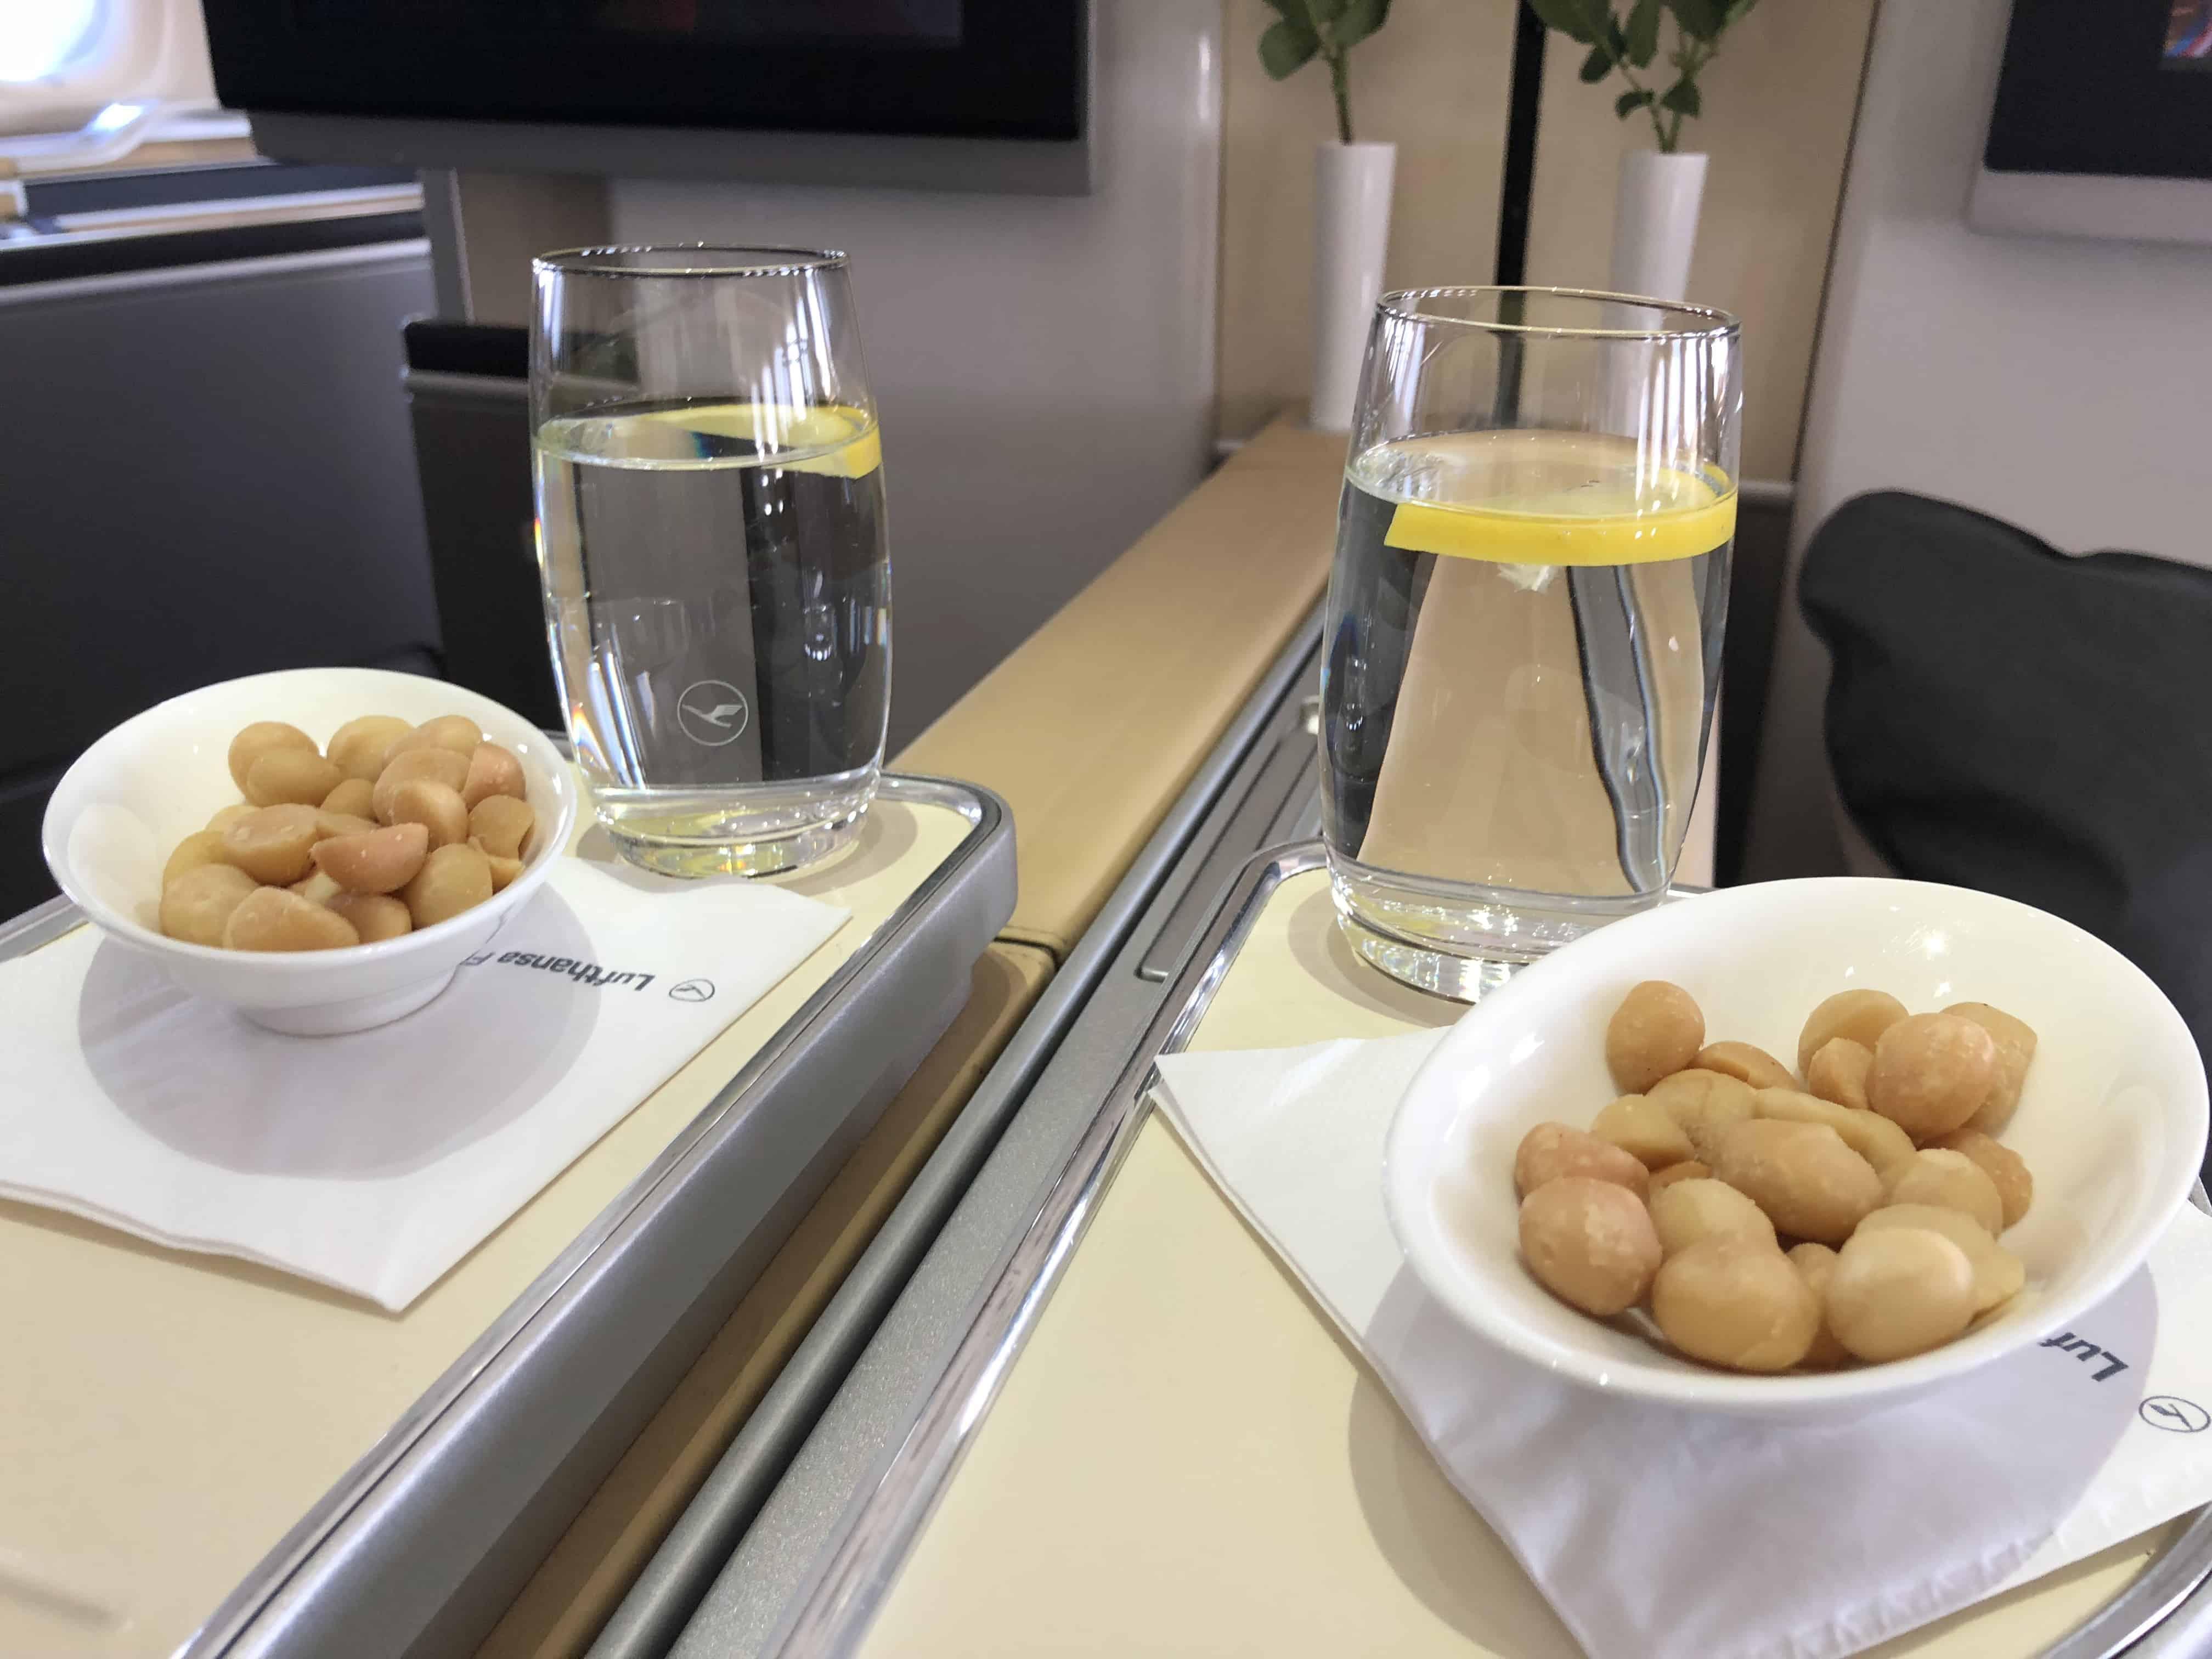 Lufthansa First Class Essen Nüsse